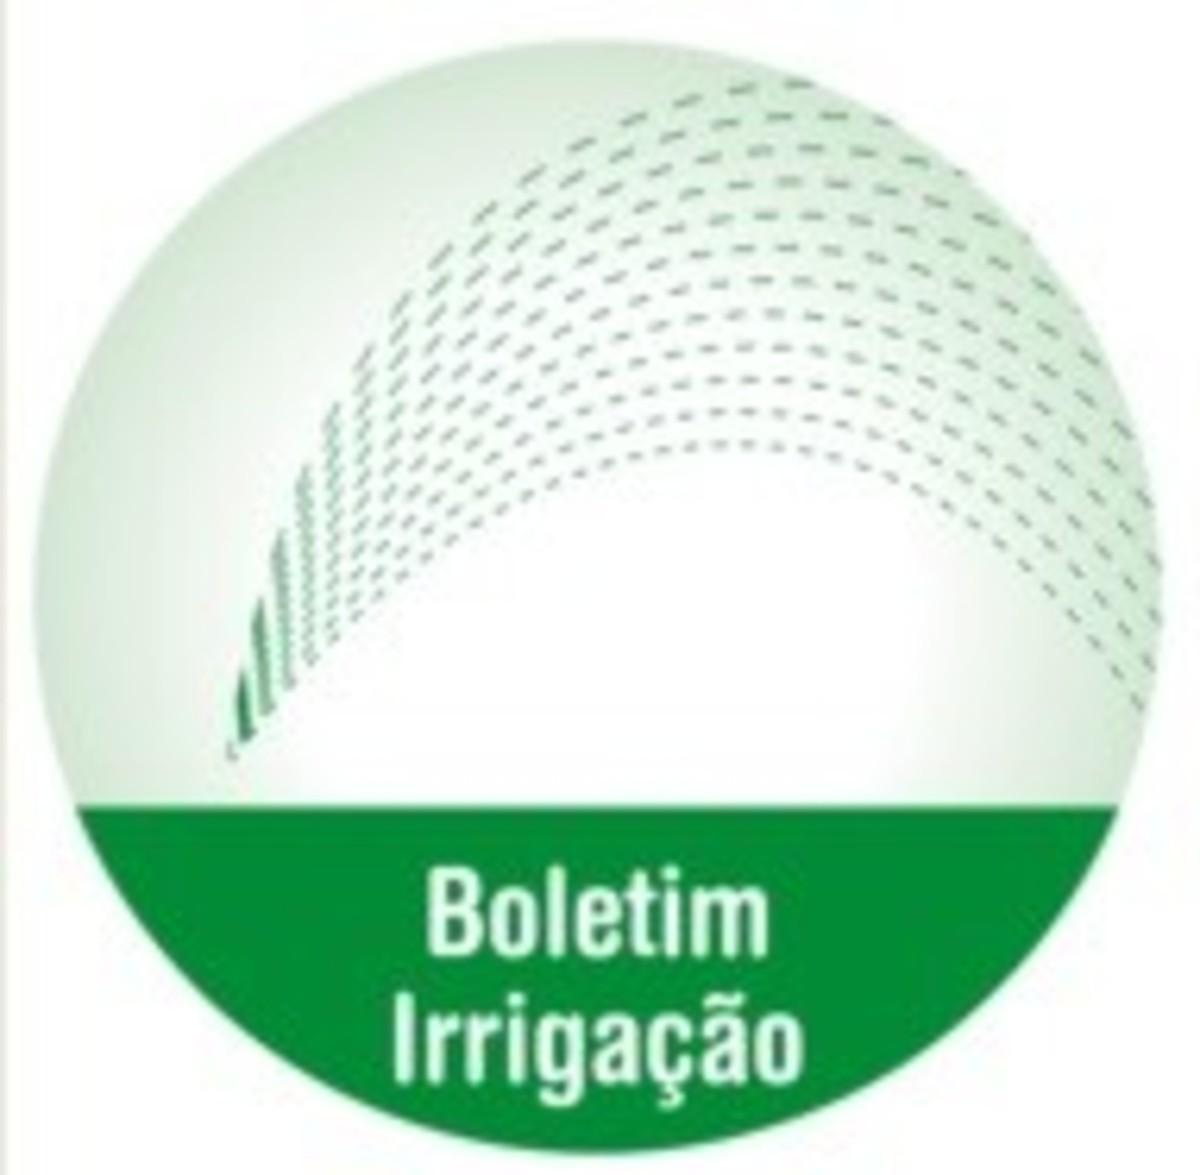 Amanco - Notícias - Agronegócio será discutido em São Paulo